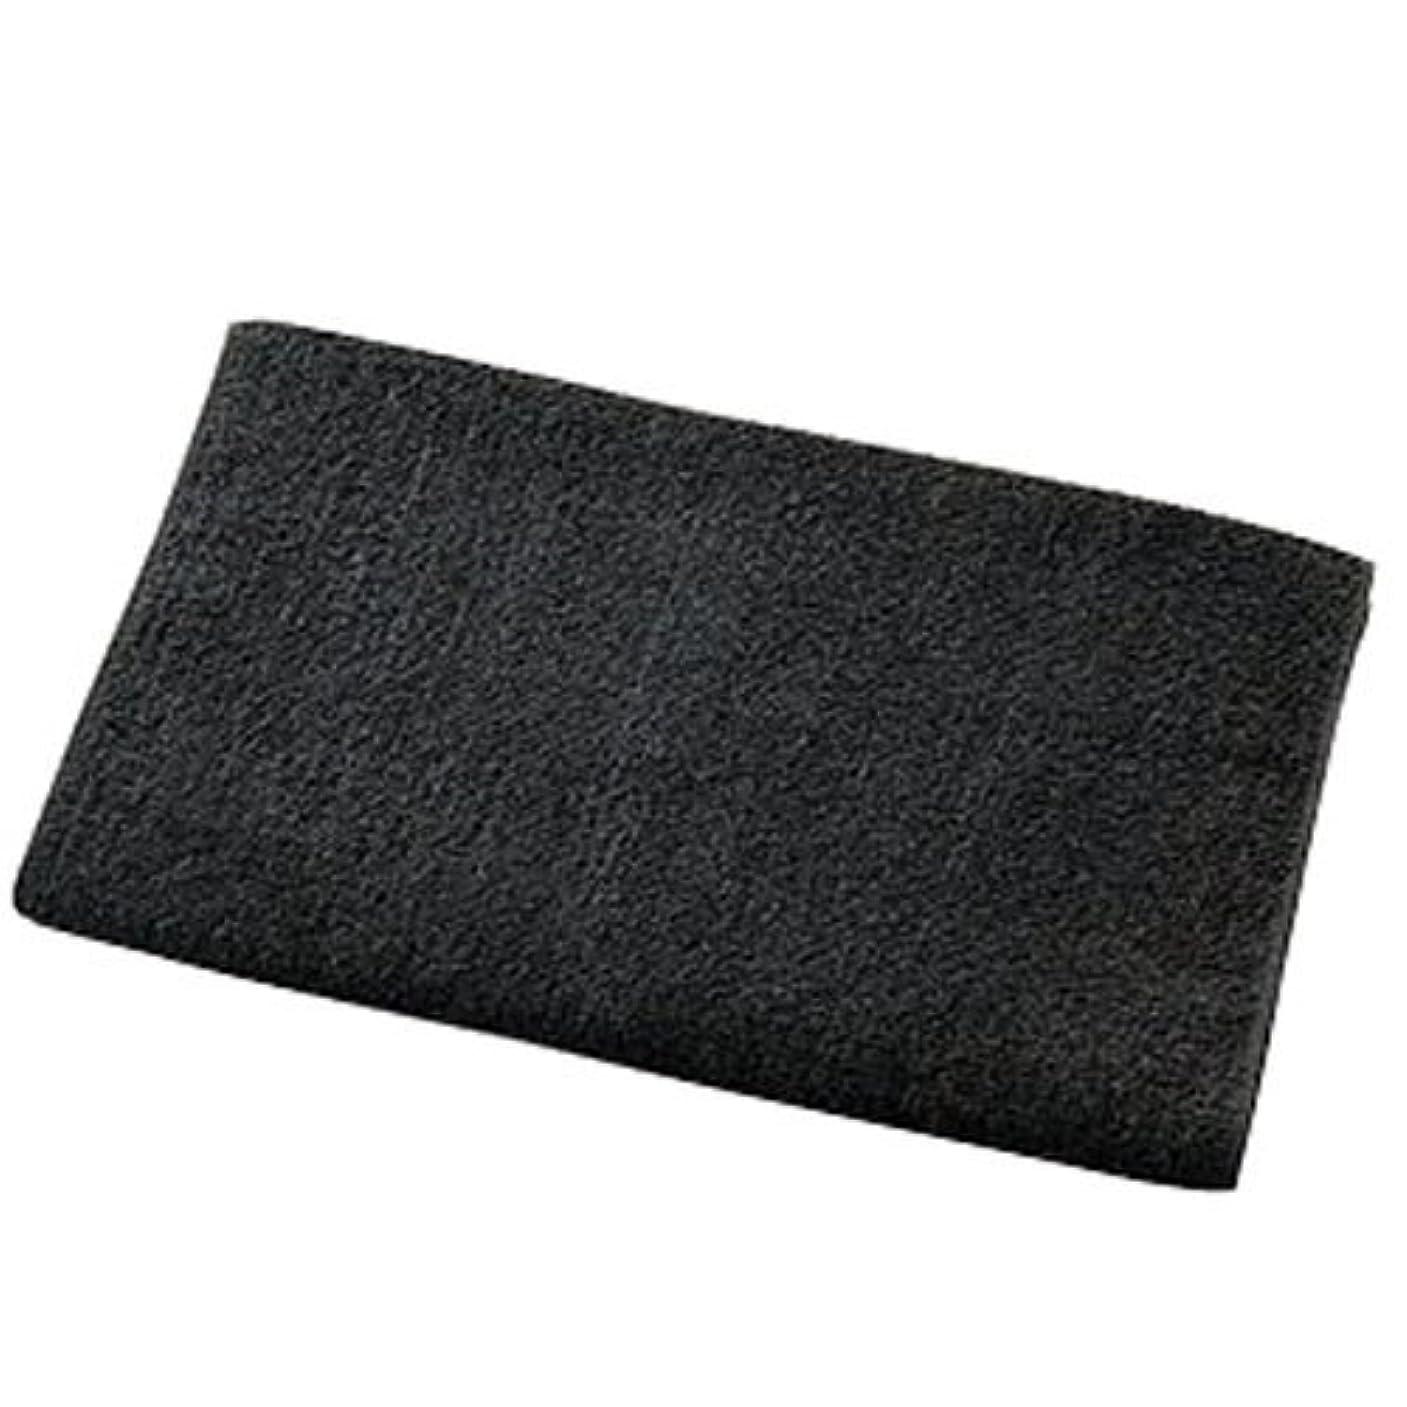 砂利祝福する膨らみKA 240匁 スレンヘアダイタオル (12枚入) ブラック